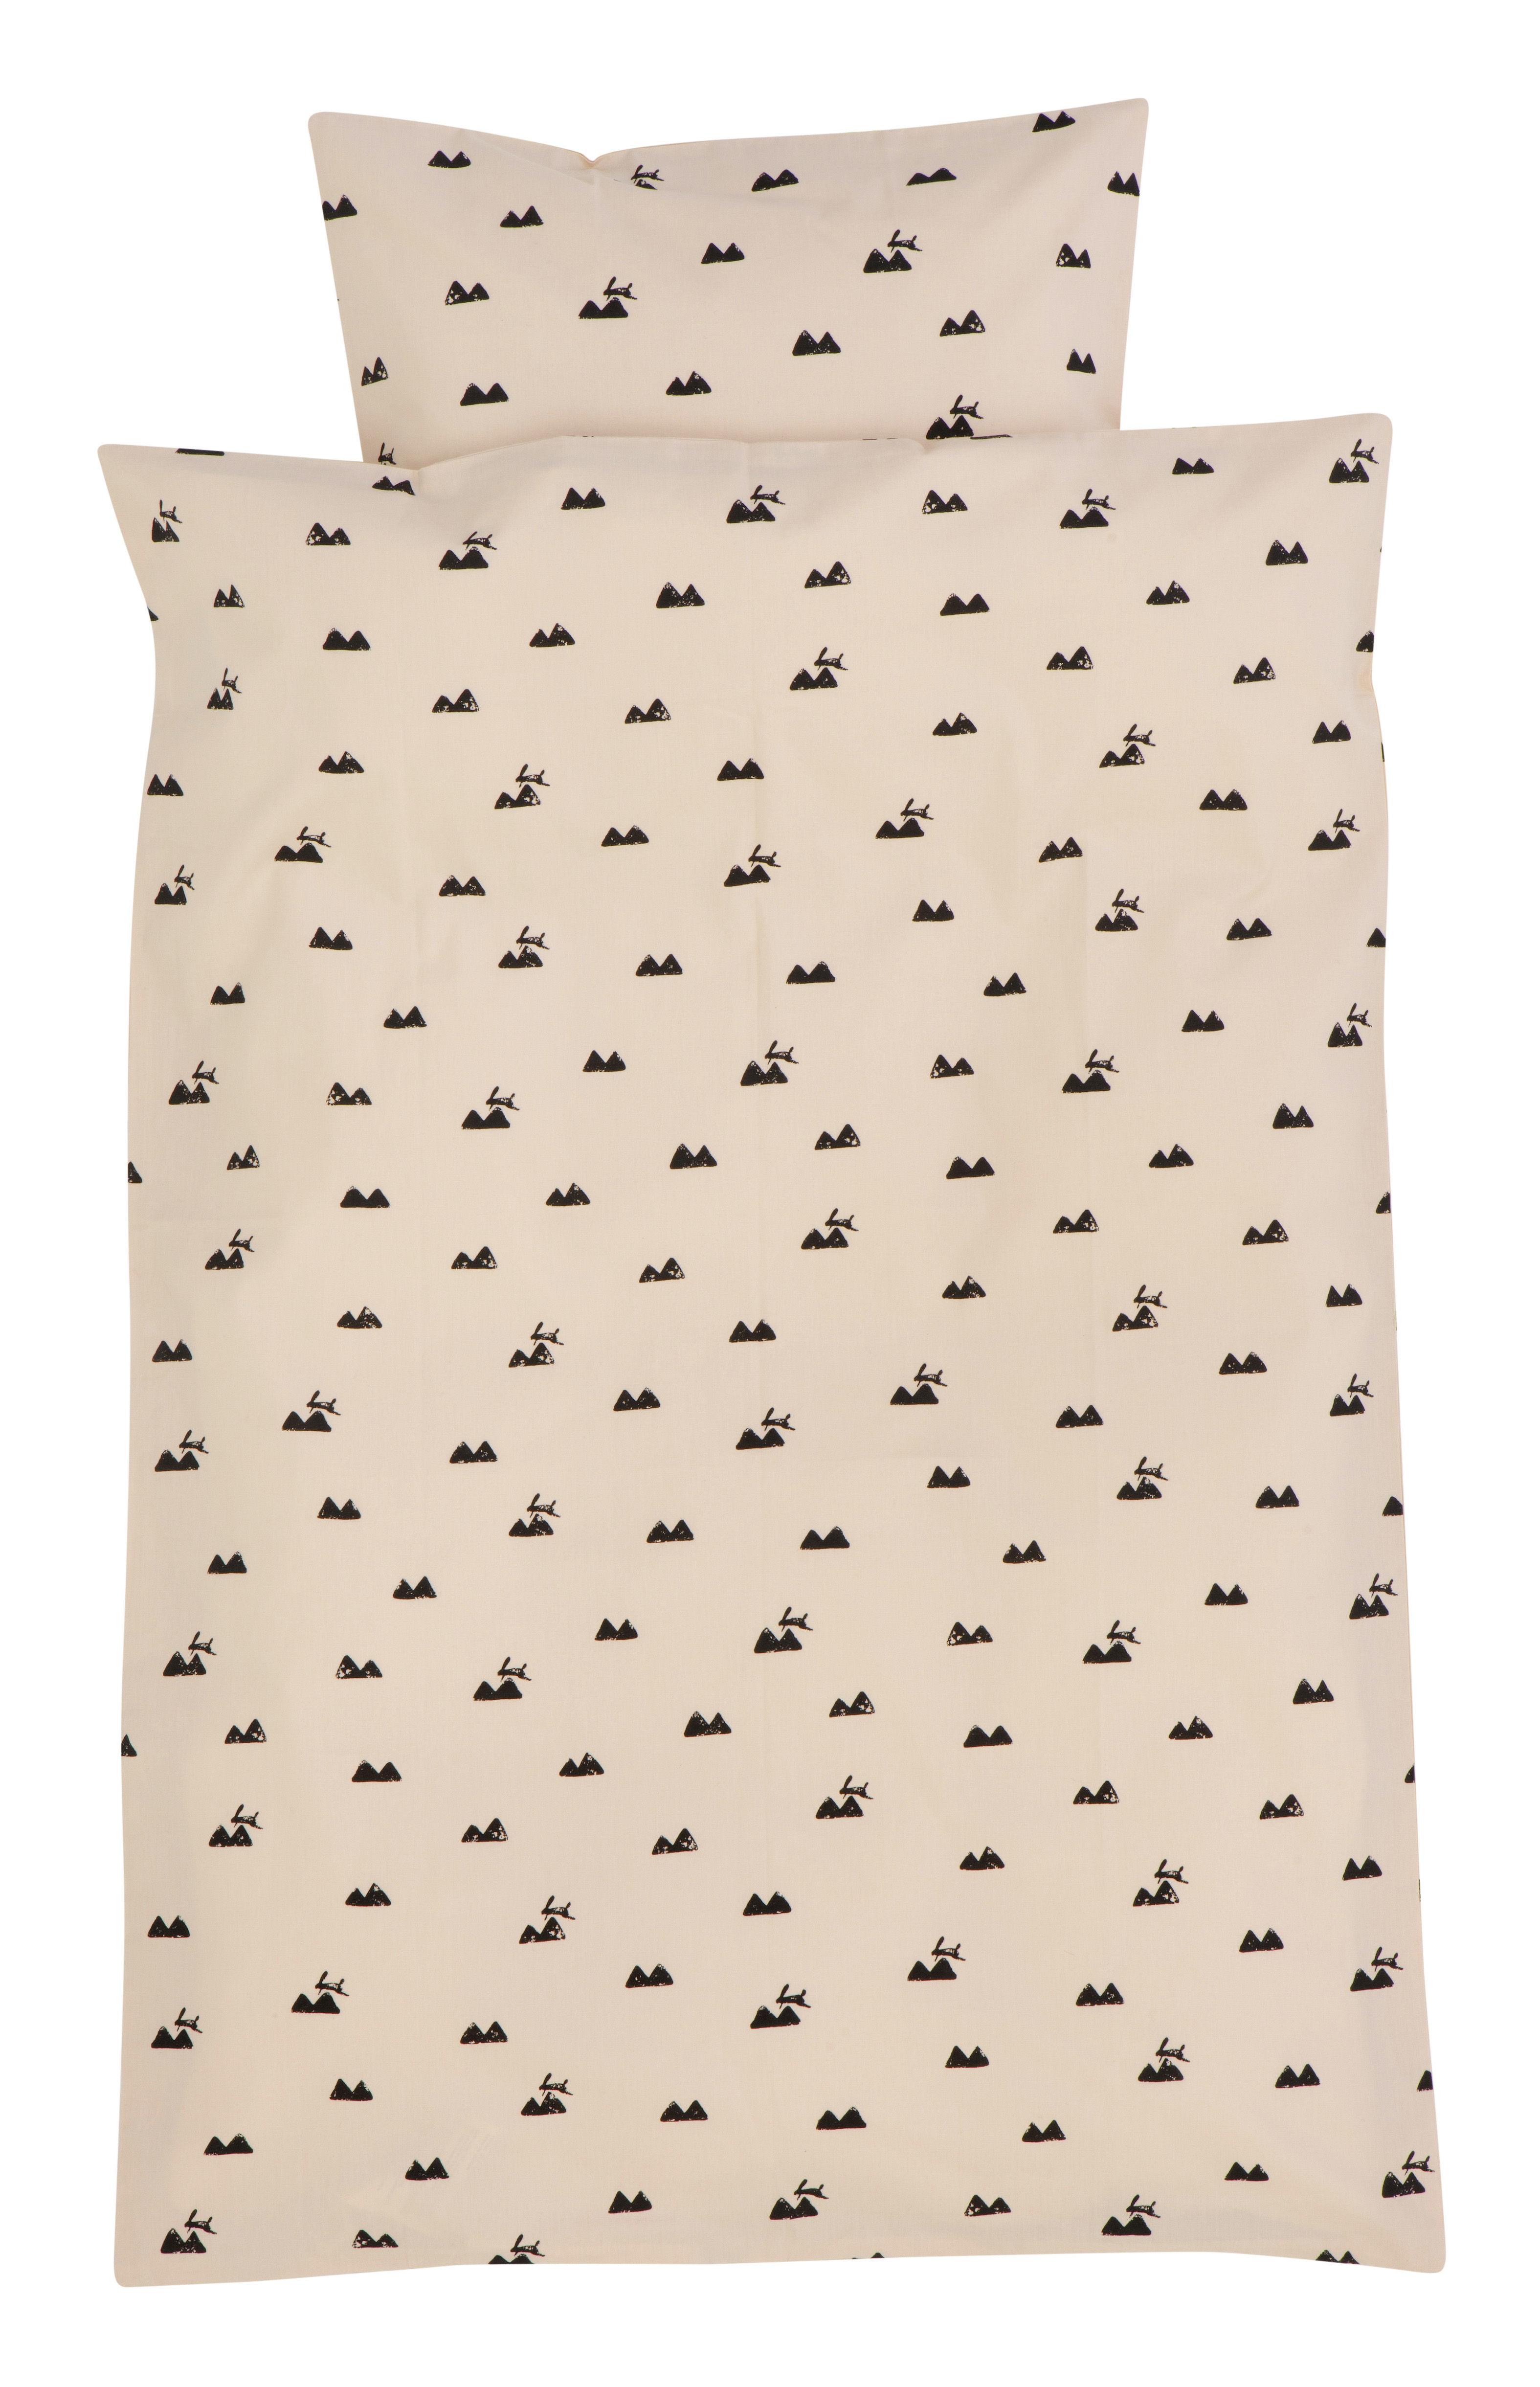 Déco - Pour les enfants - Parure de lit enfant Rabbit / 100 x 140 cm - Ferm Living - 100 x 140 cm - Rose & Noir - Coton